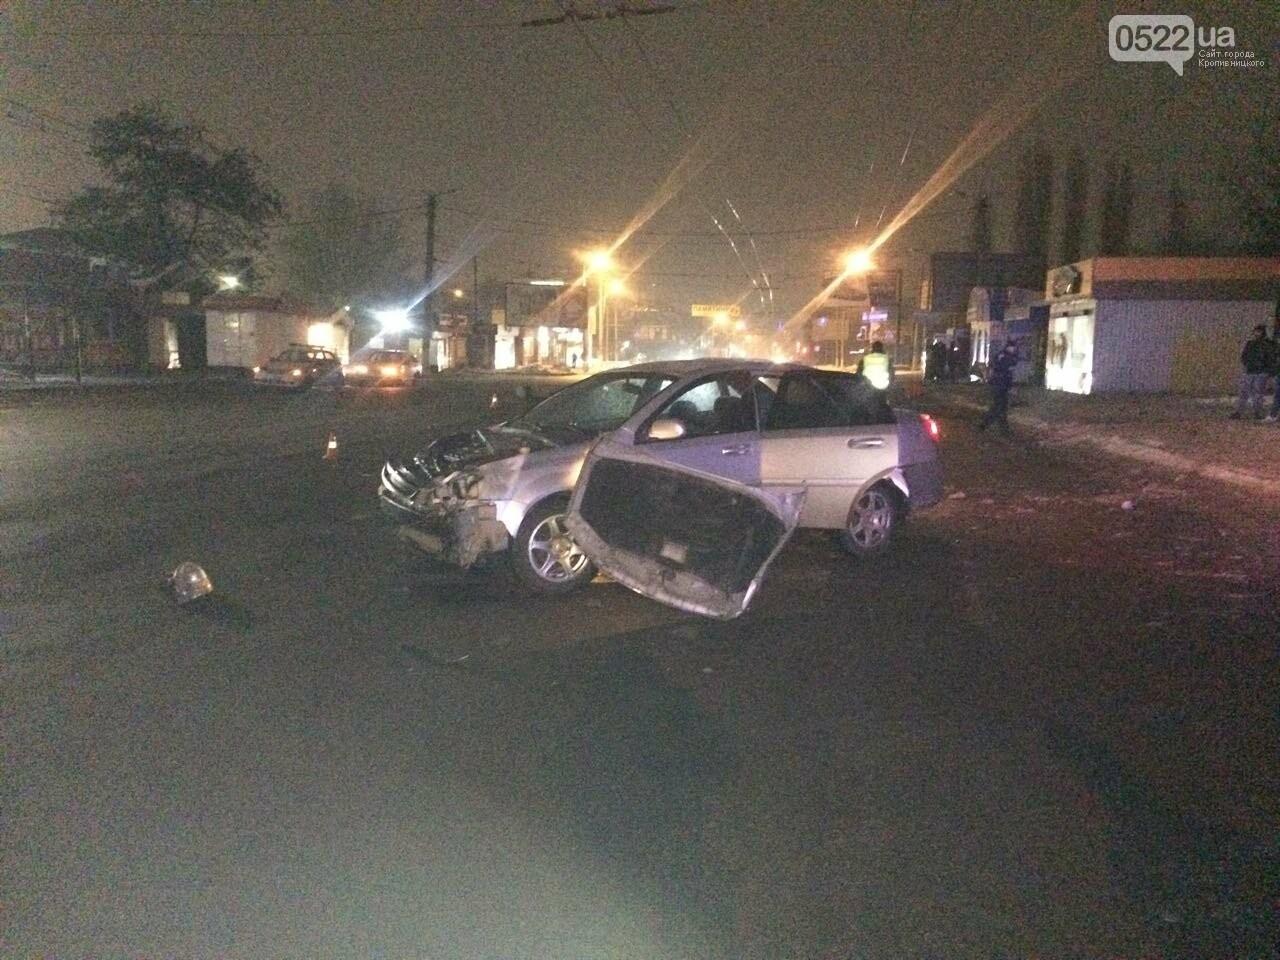 Ночное ДТП в Кропивницком: автомобиль вылетел на остановку и сбил iBox. ФОТО, фото-8